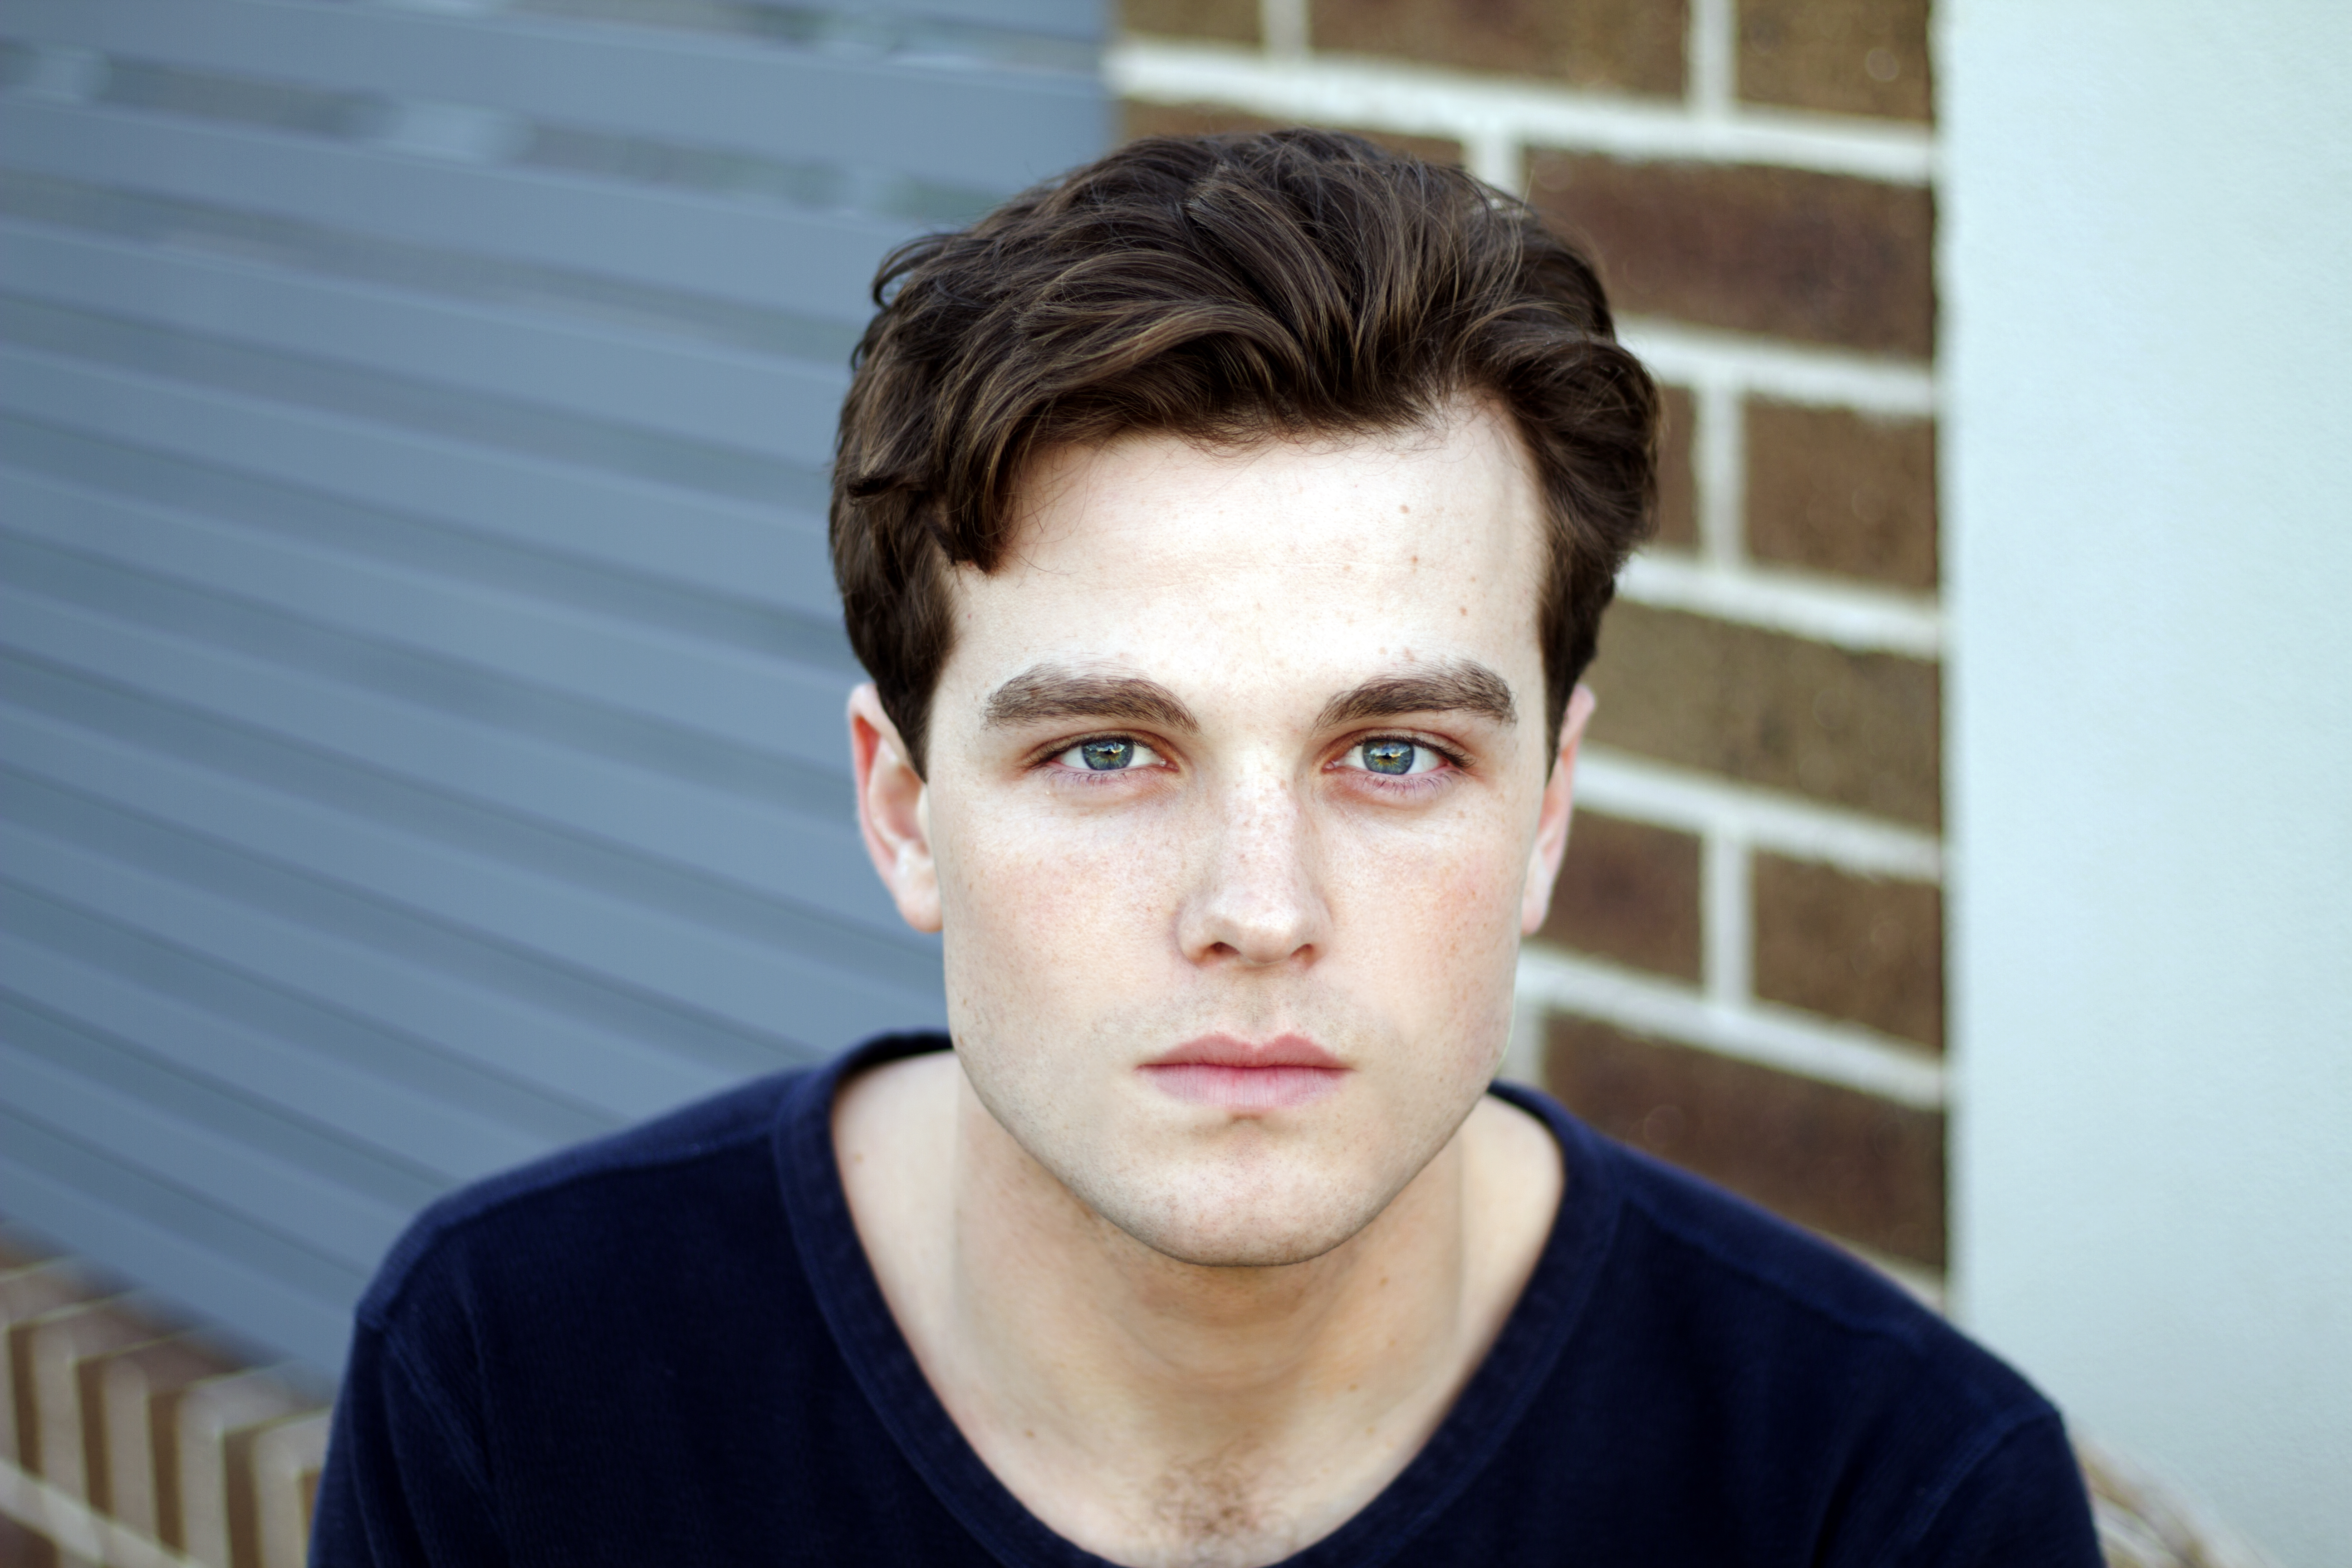 Joshua Orpin Imdb Joshua orpin was born in melbourne, australia. imdb